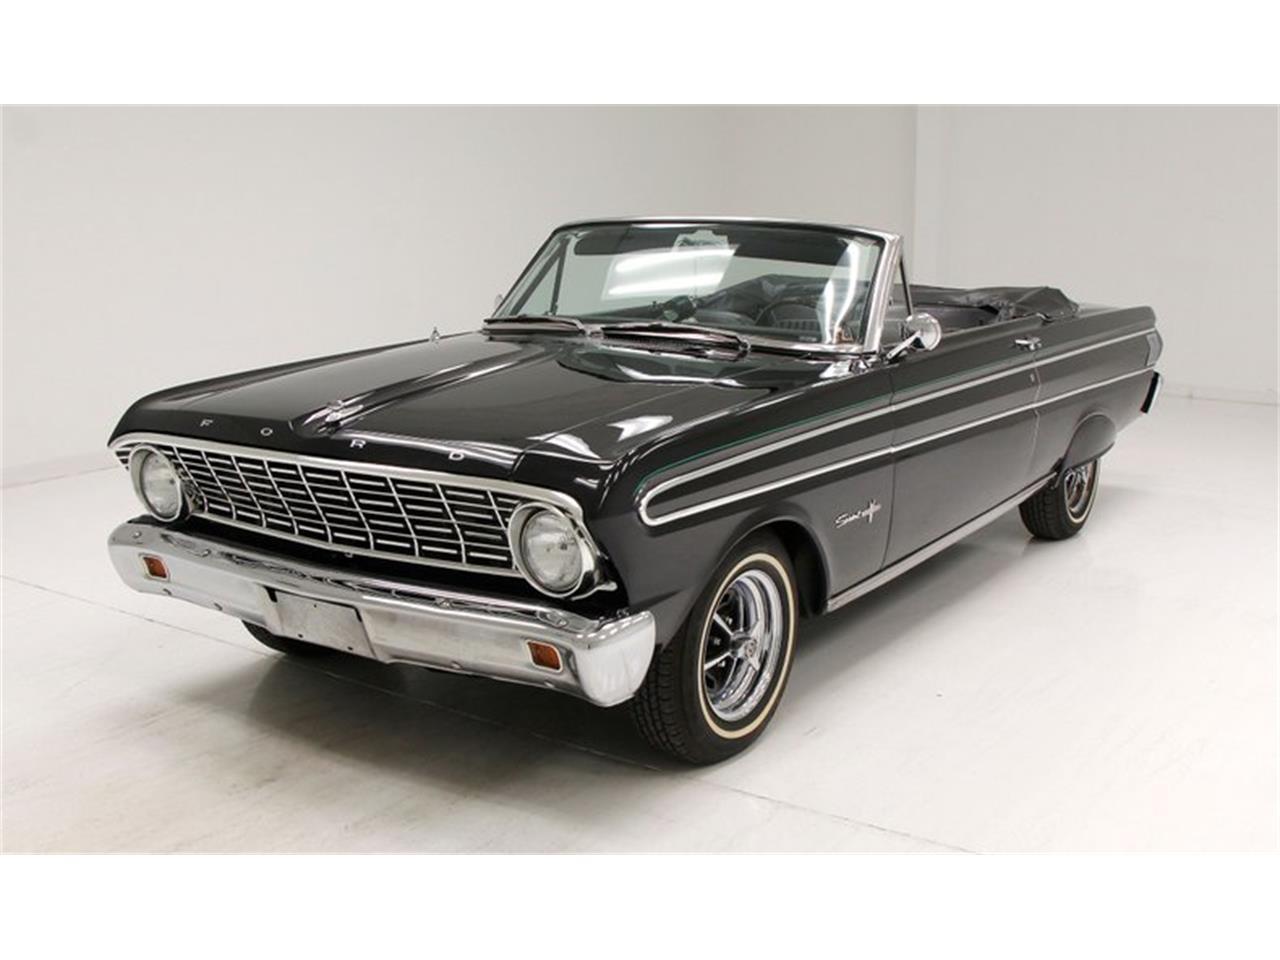 1964 Ford Falcon (CC-1302519) for sale in Morgantown, Pennsylvania